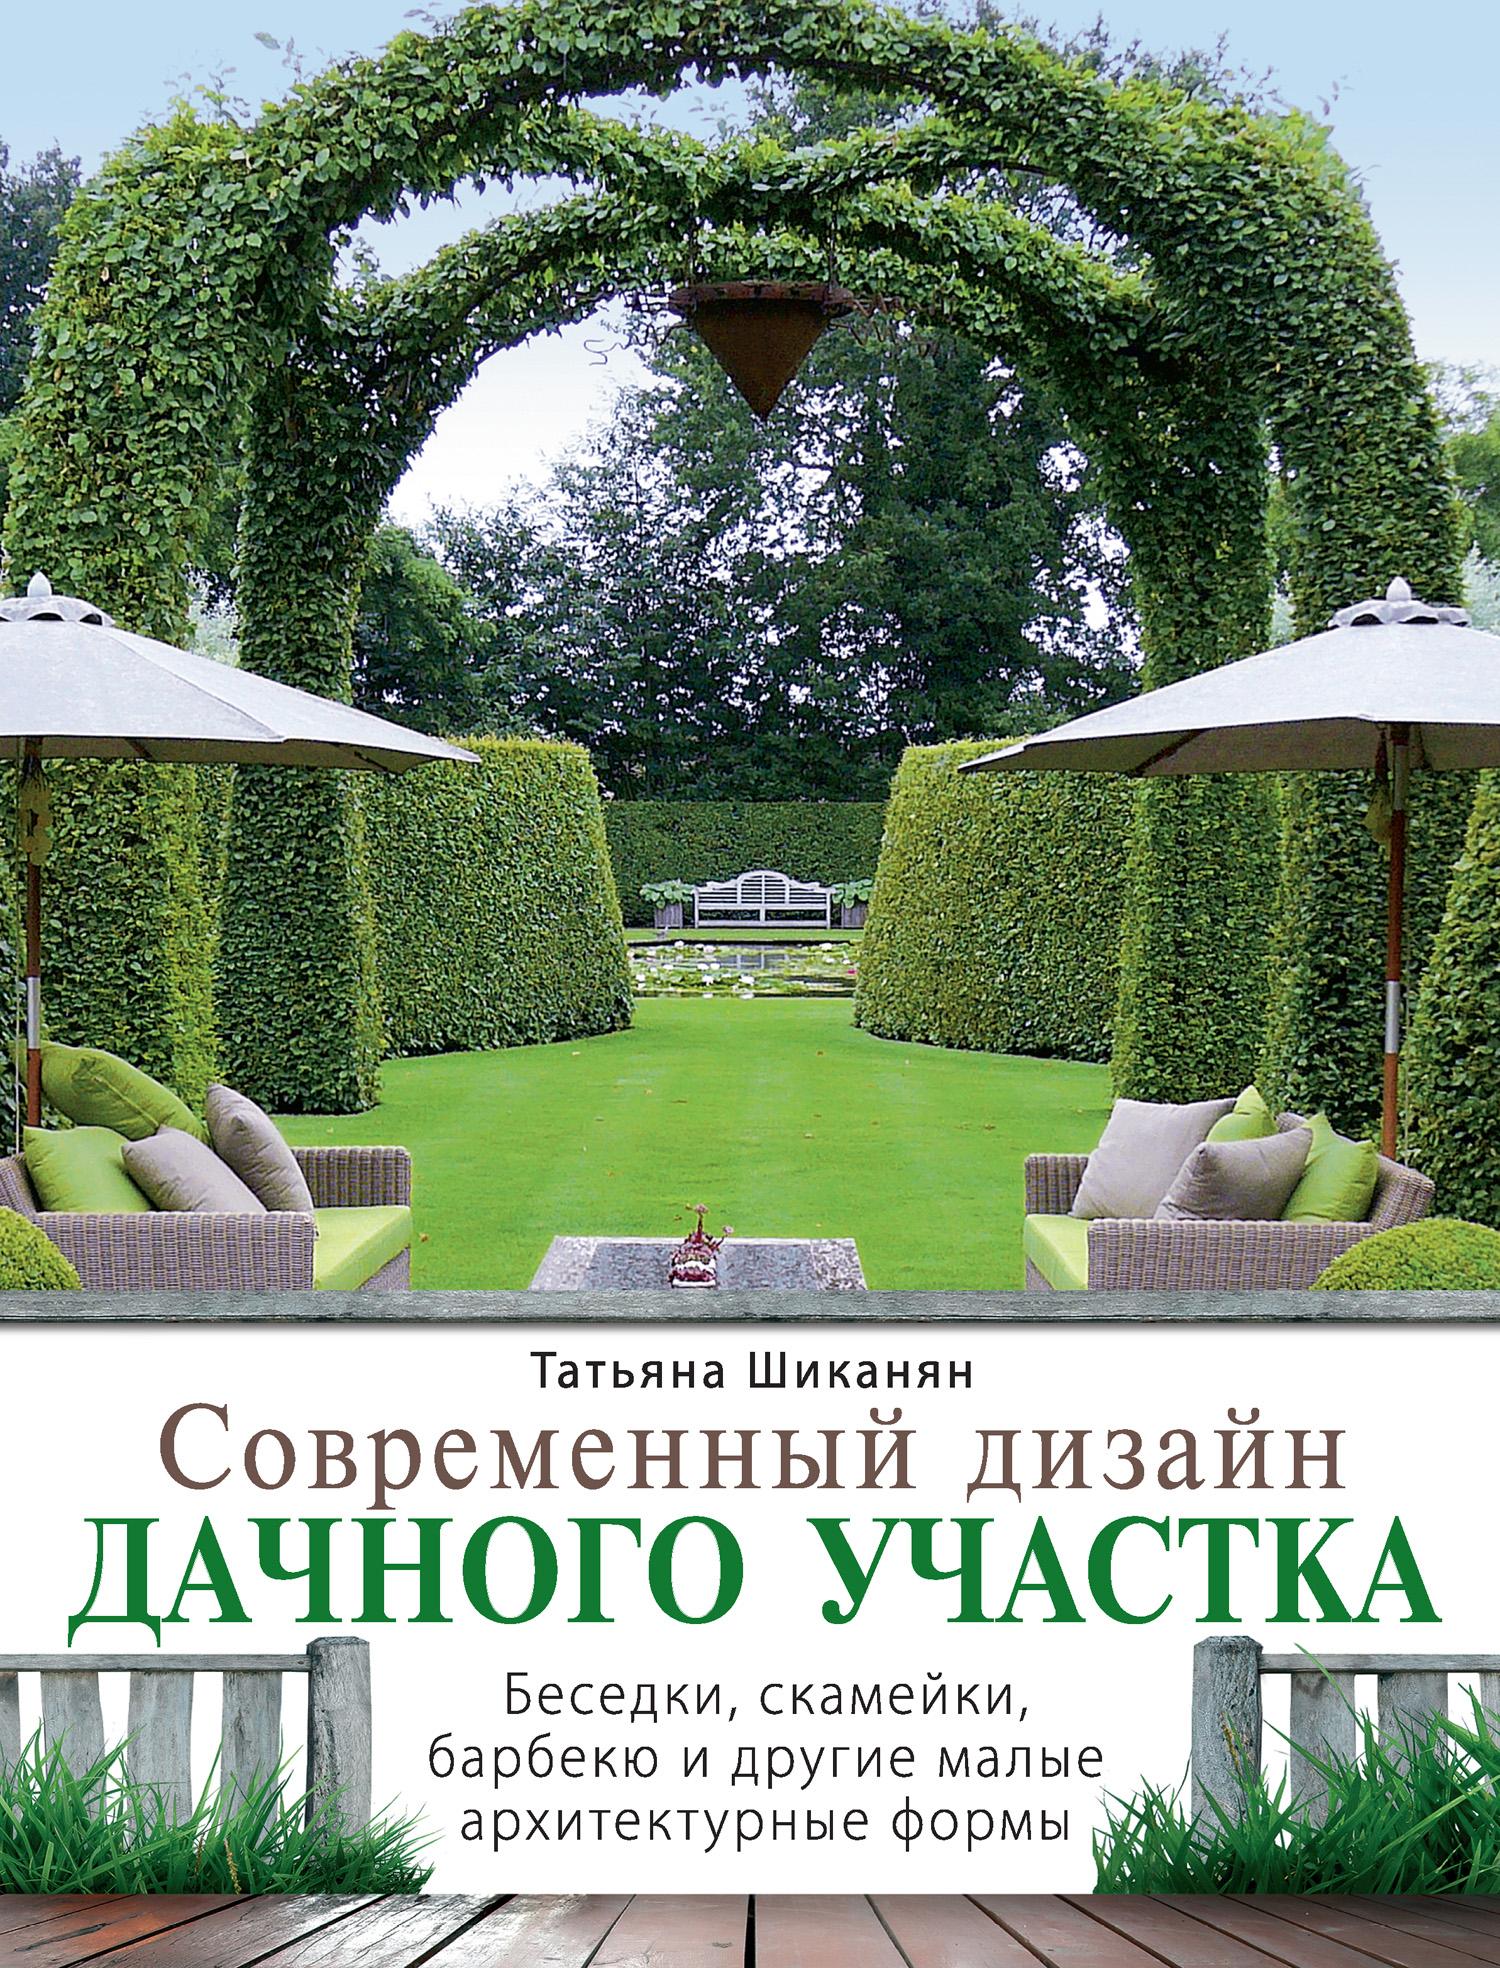 Татьяна Шиканян Современный дизайн дачного участка. Беседки, скамейки, барбекю и другие малые архитектурные формы